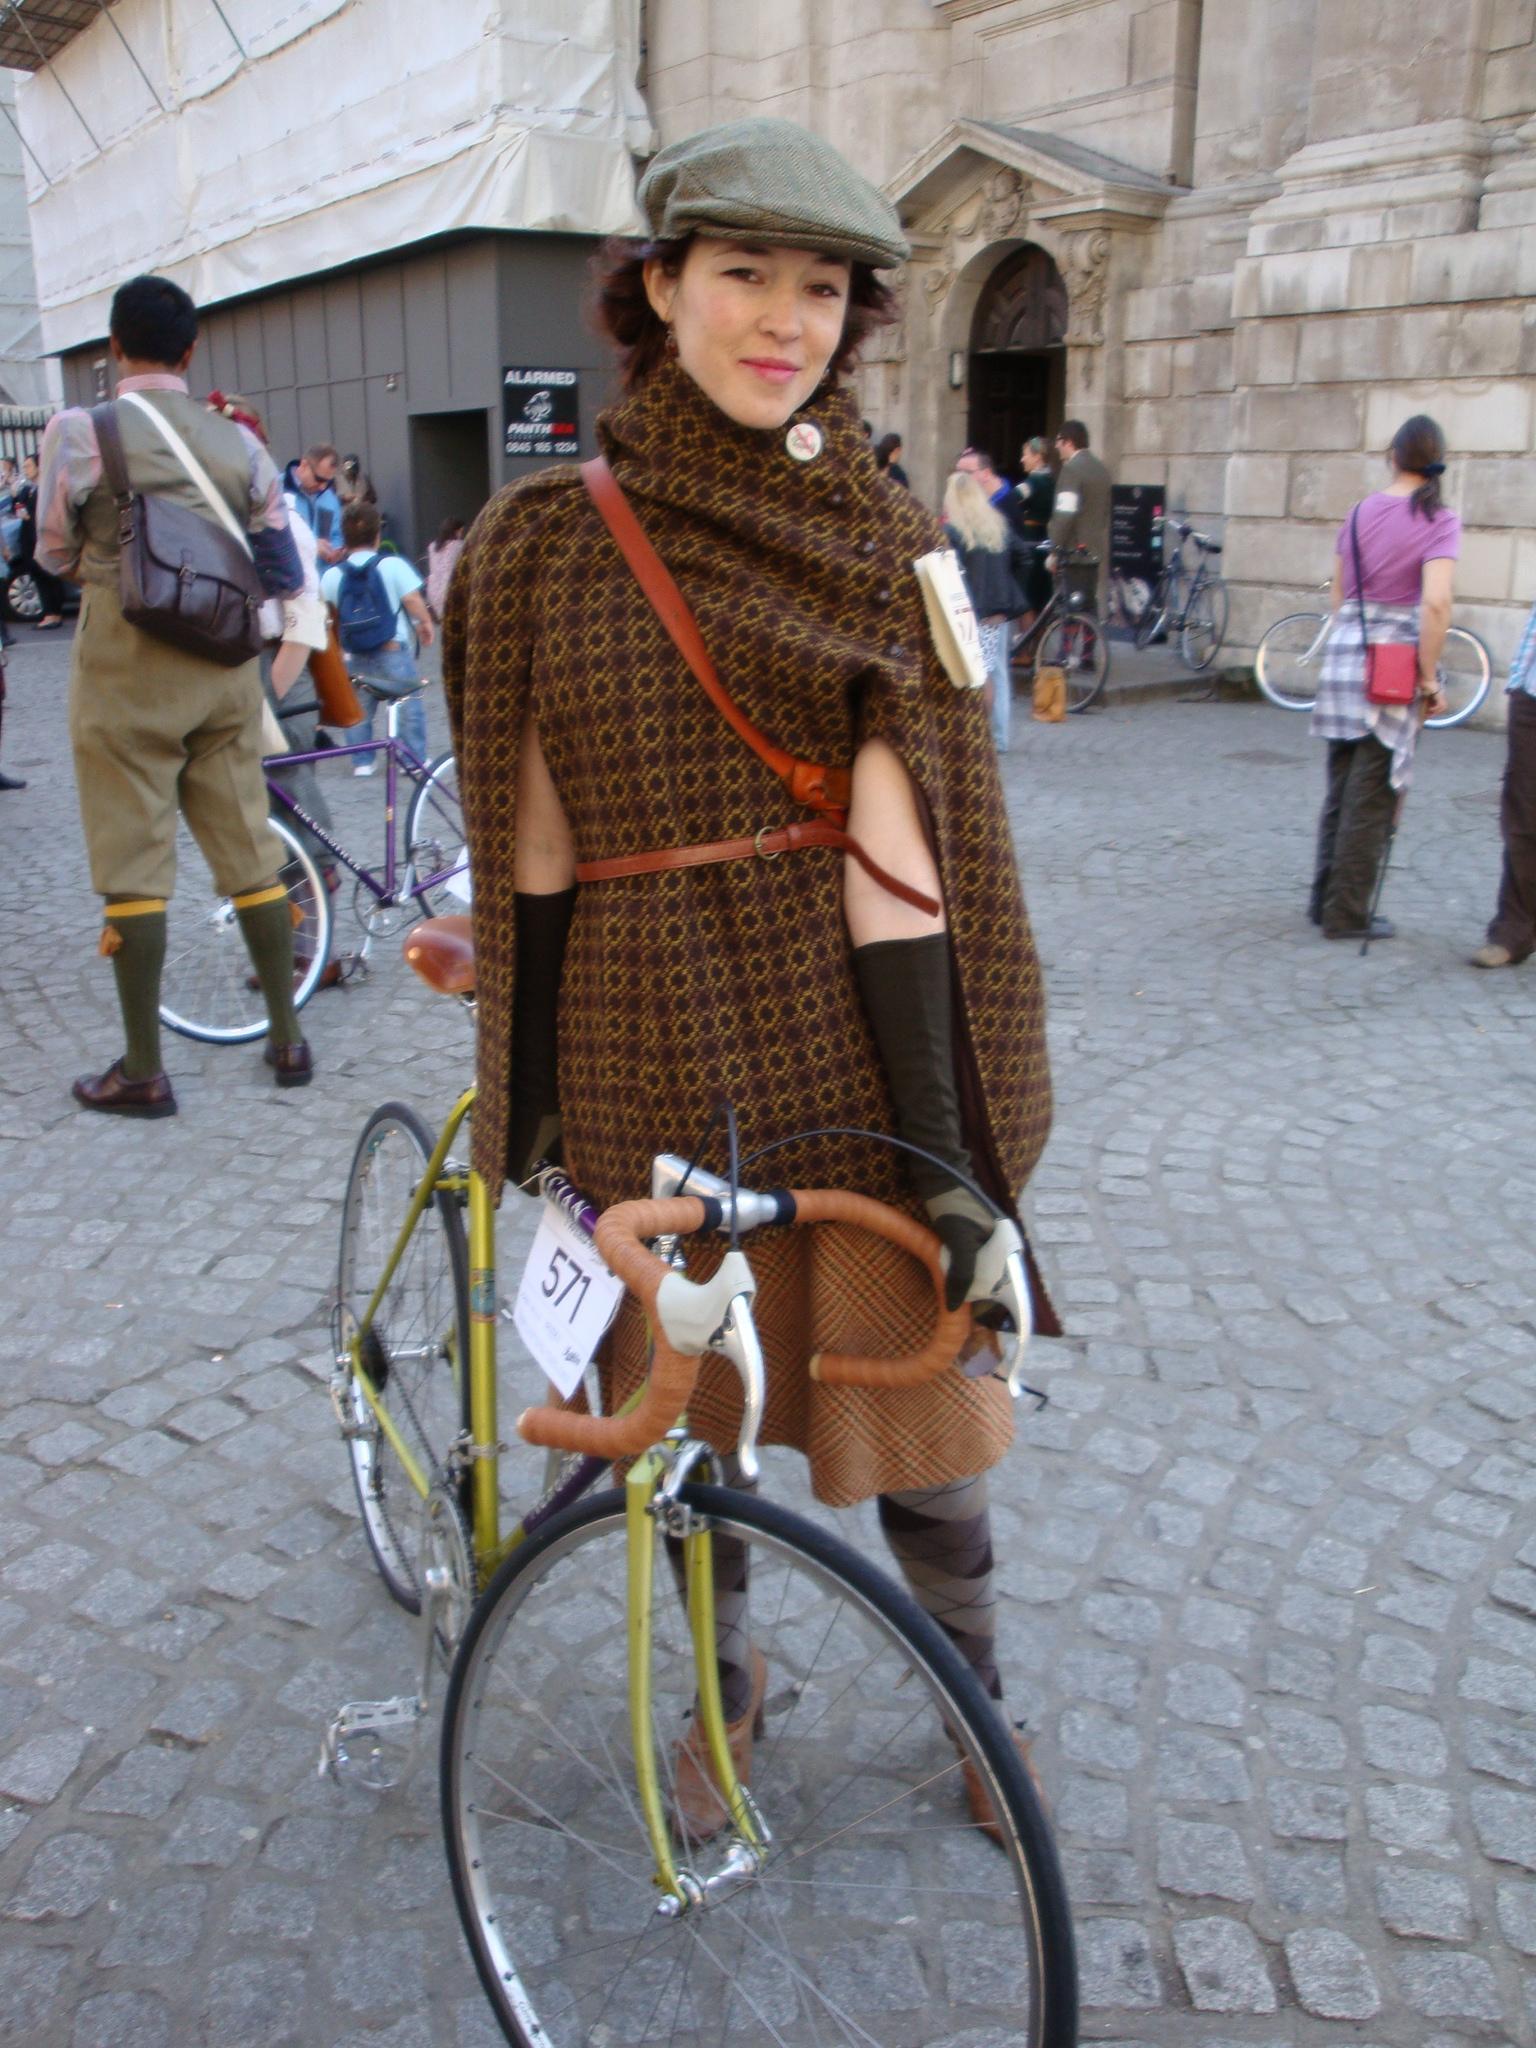 Women in tweed